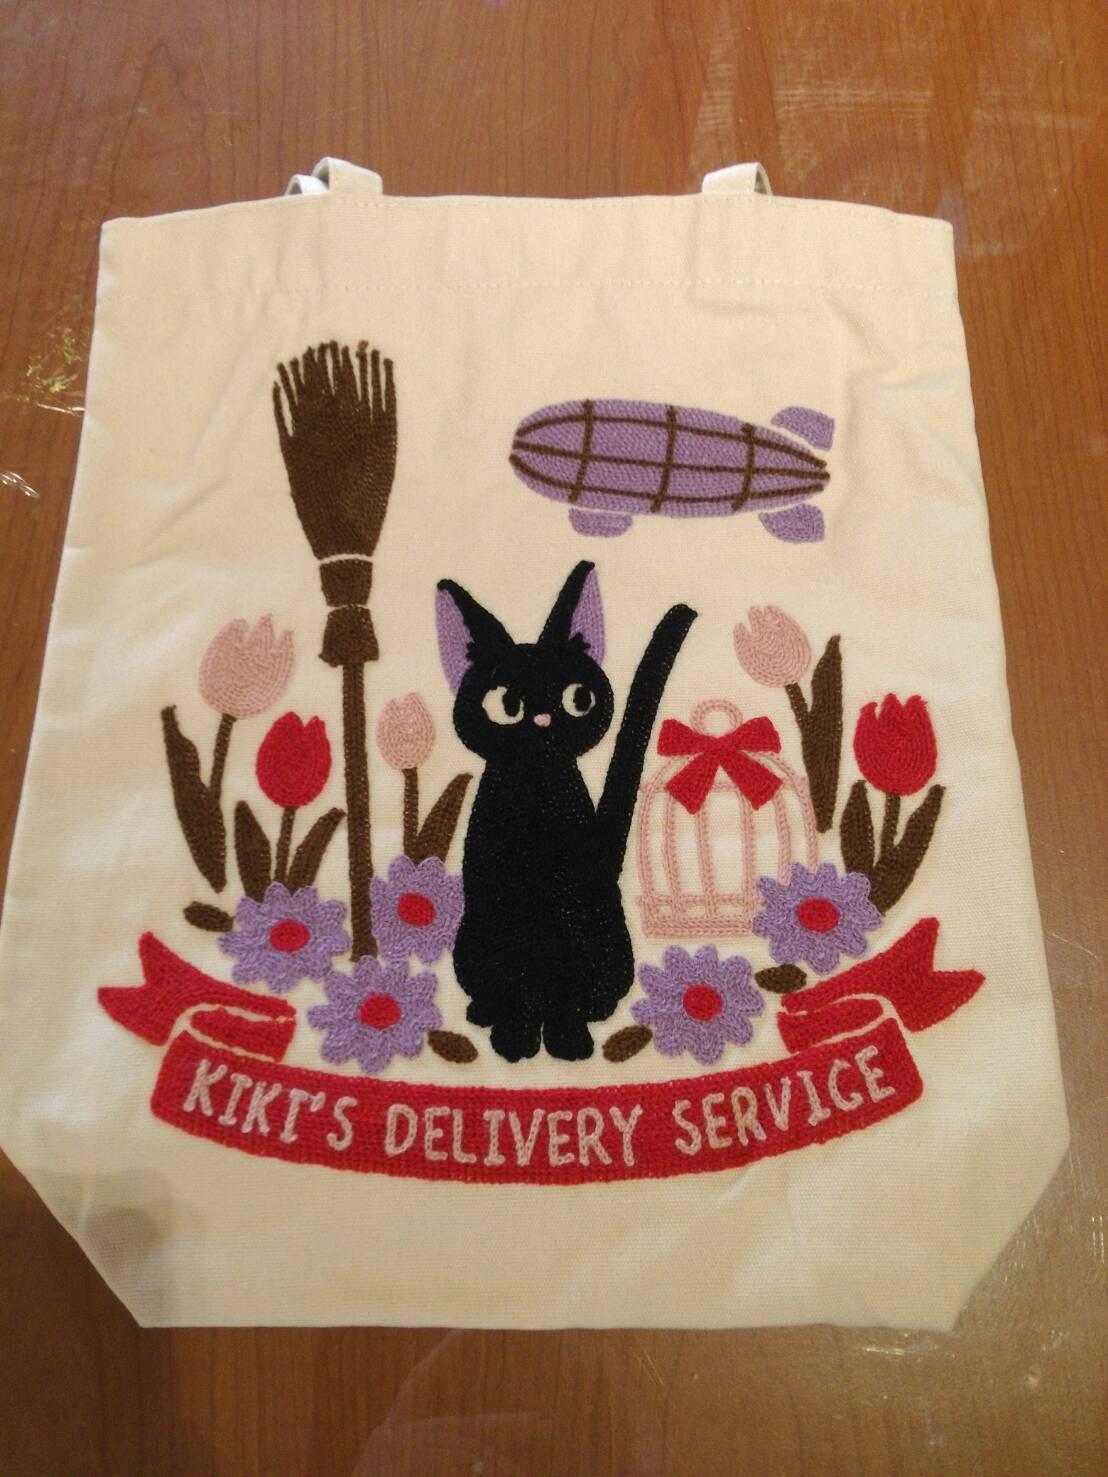 【真愛日本】17111700021 毯織帆布手提袋-黑貓JIJI 魔女宅急便 黑貓 奇奇貓 日用品 手提包 耐用材質